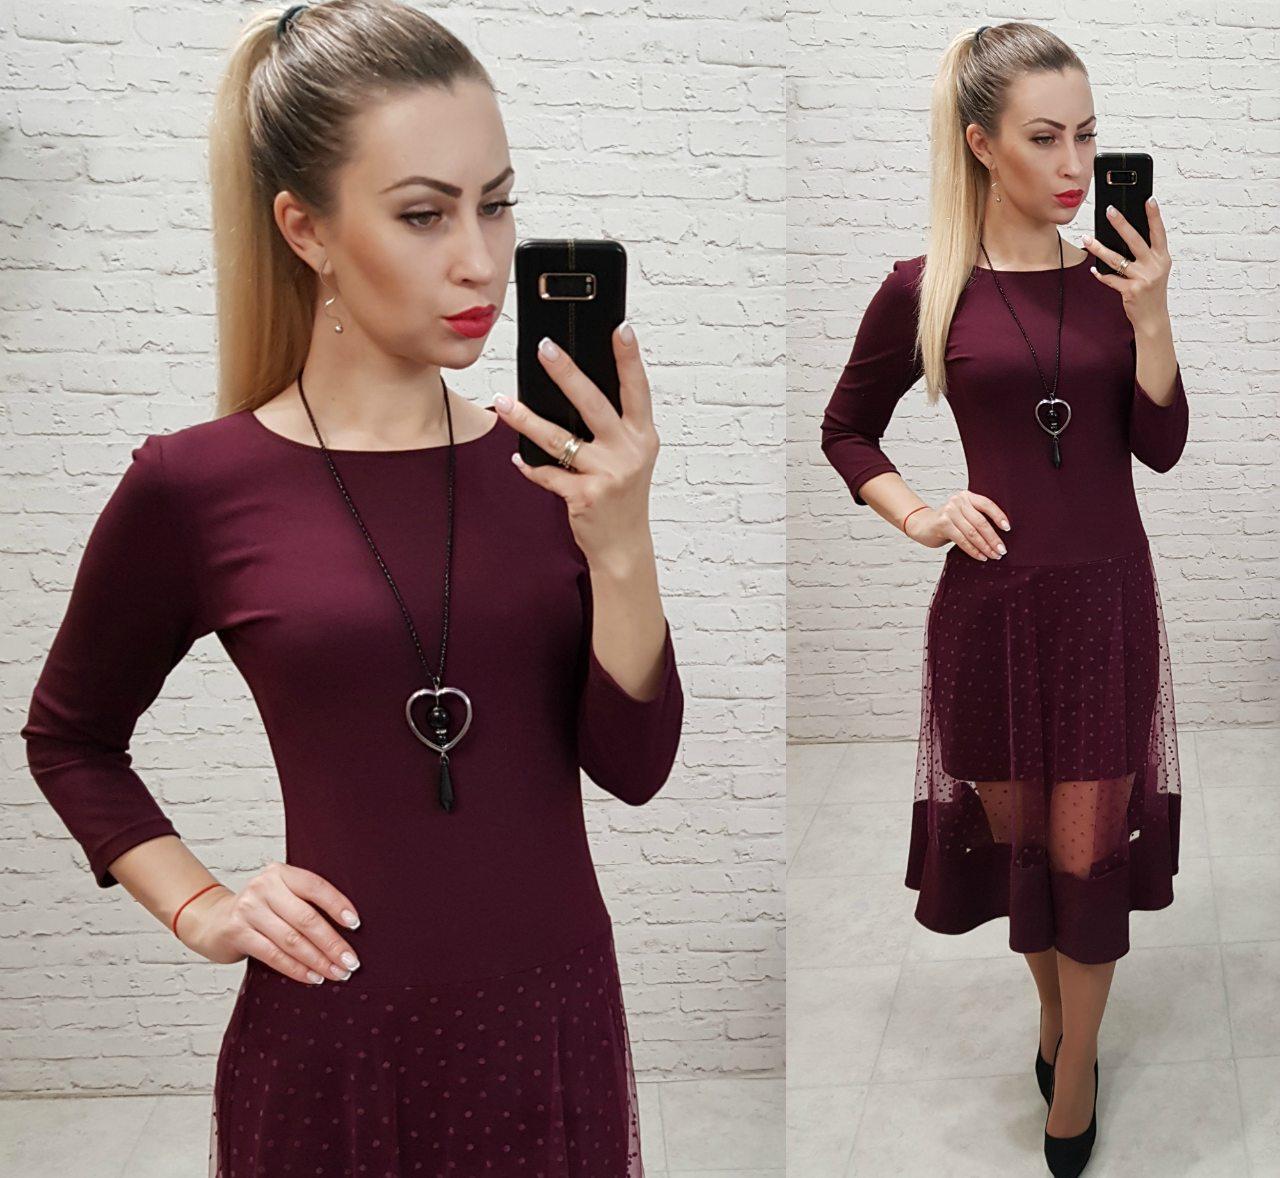 Платье нарядное, креп+сетка, модель 146, в 5-ти расцветках